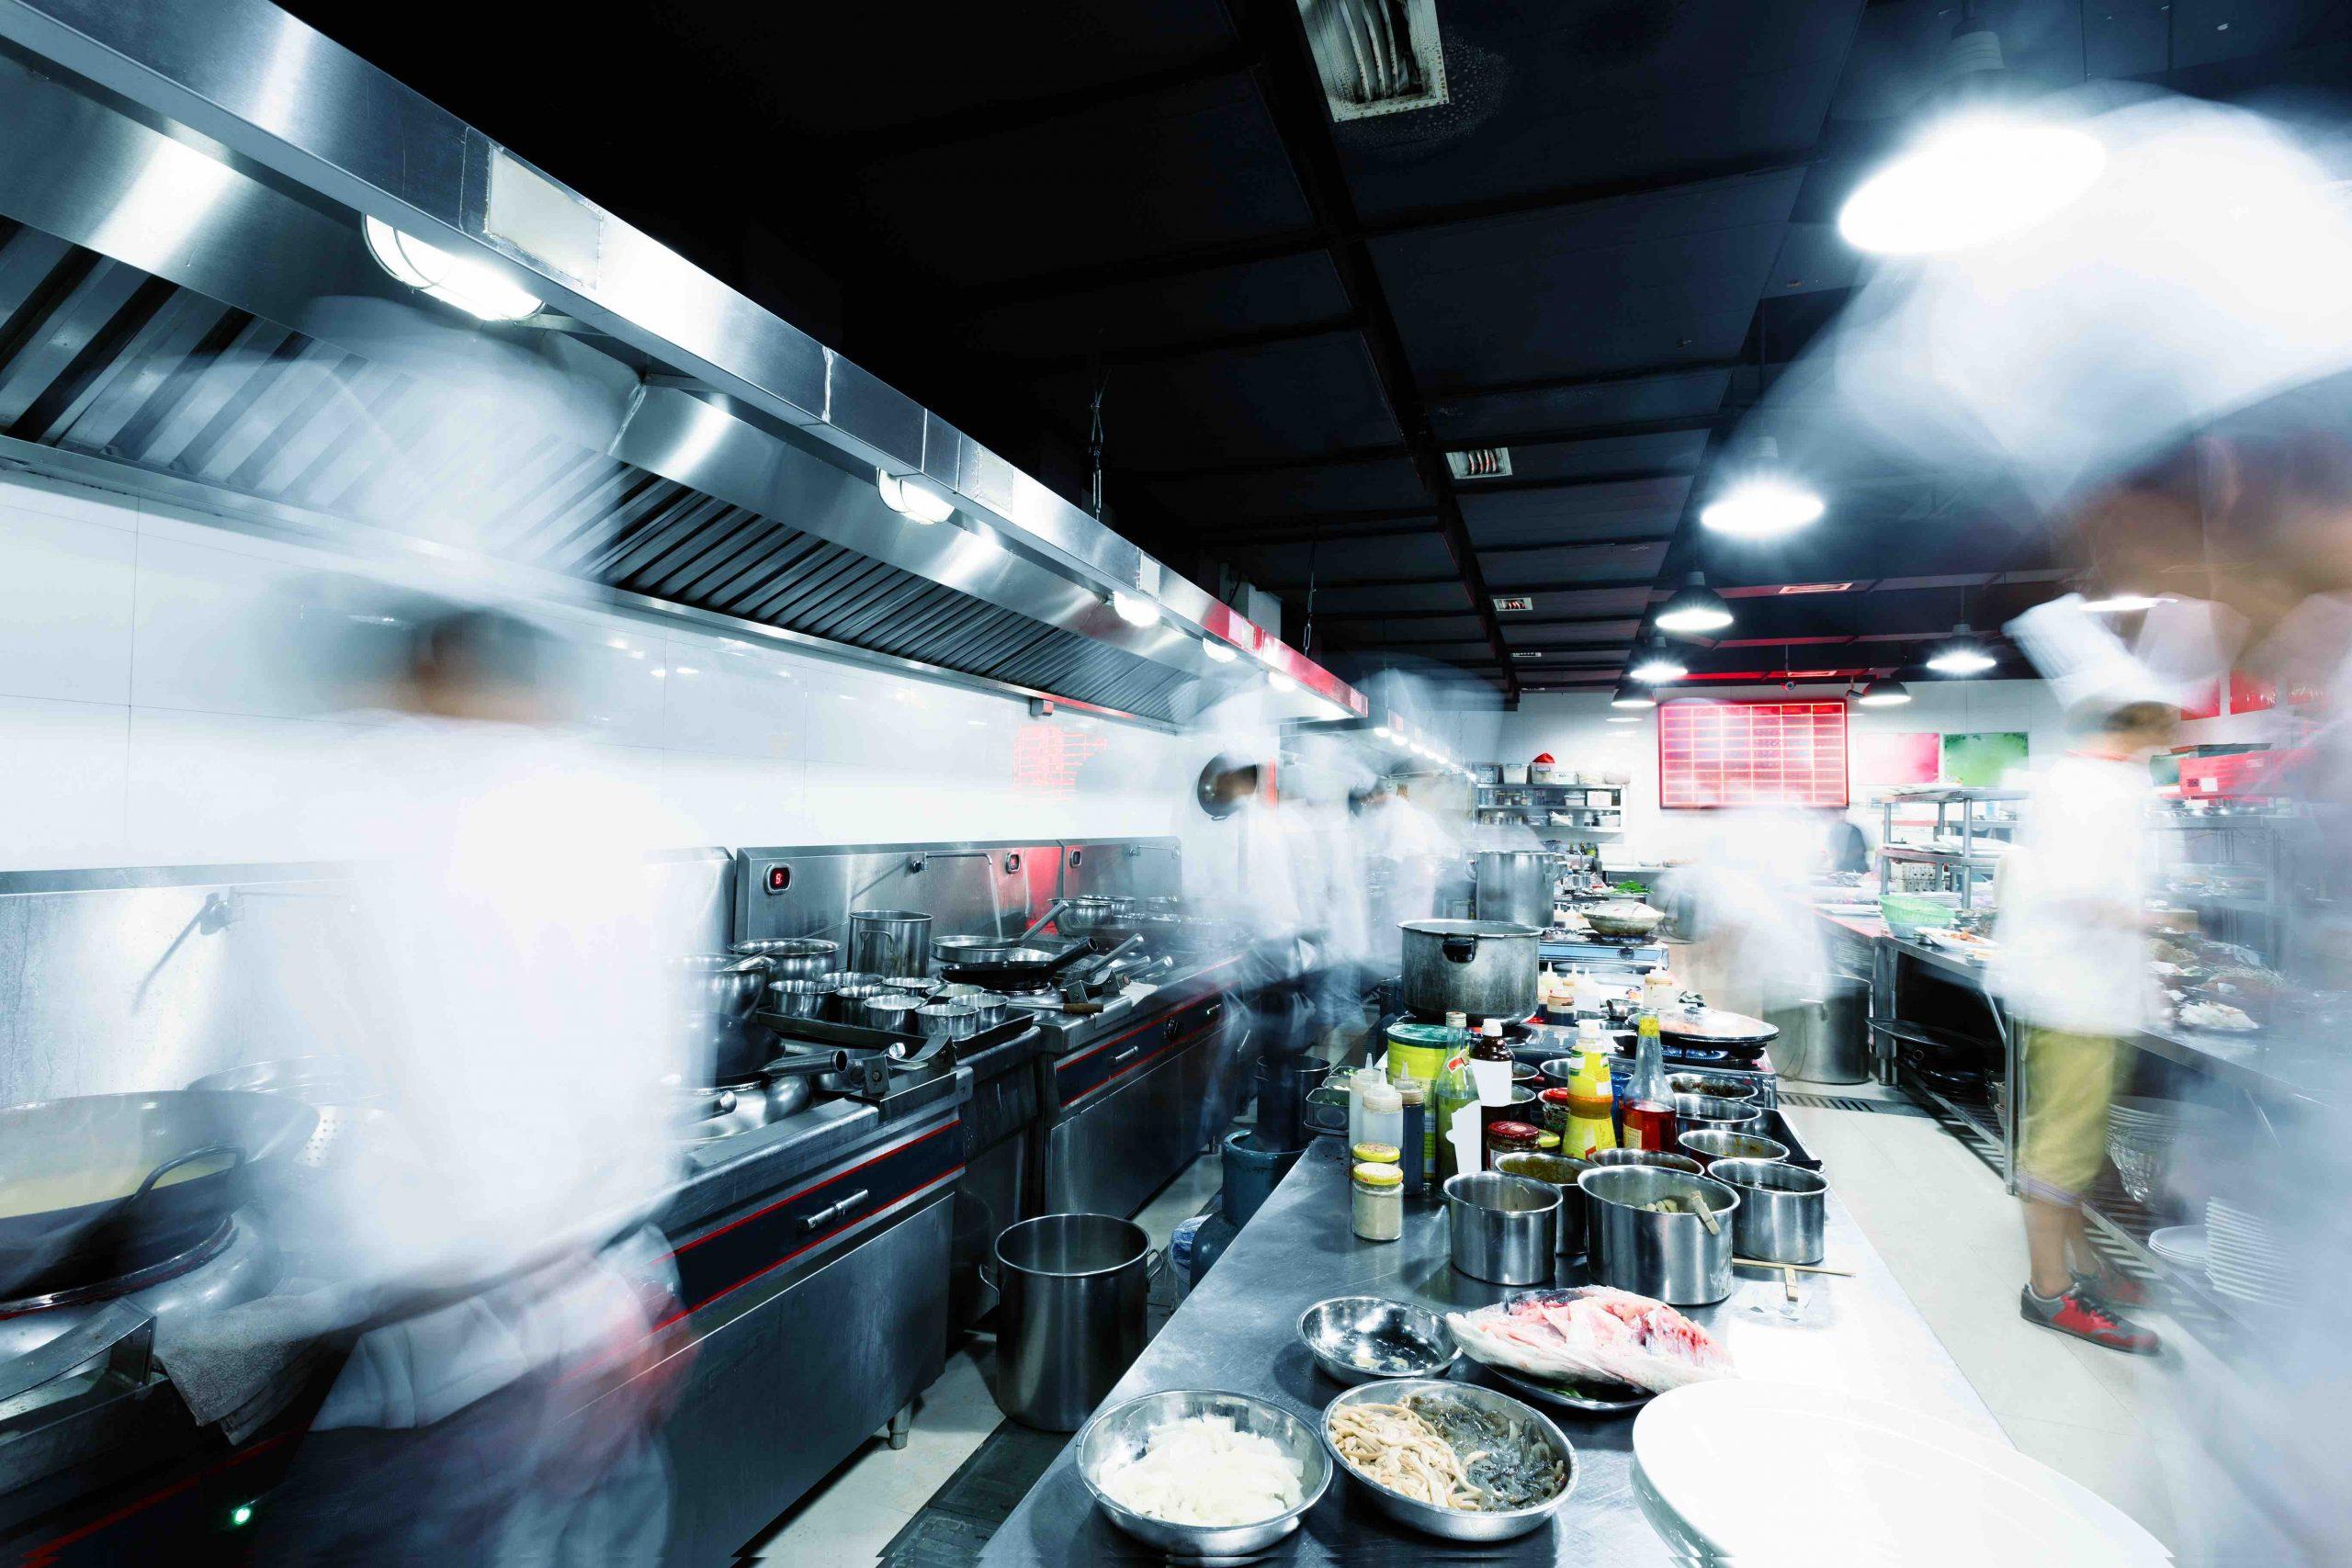 """¿Qué son las """"Dark Kitchens"""" y por qué se han puesto tanto de moda?"""